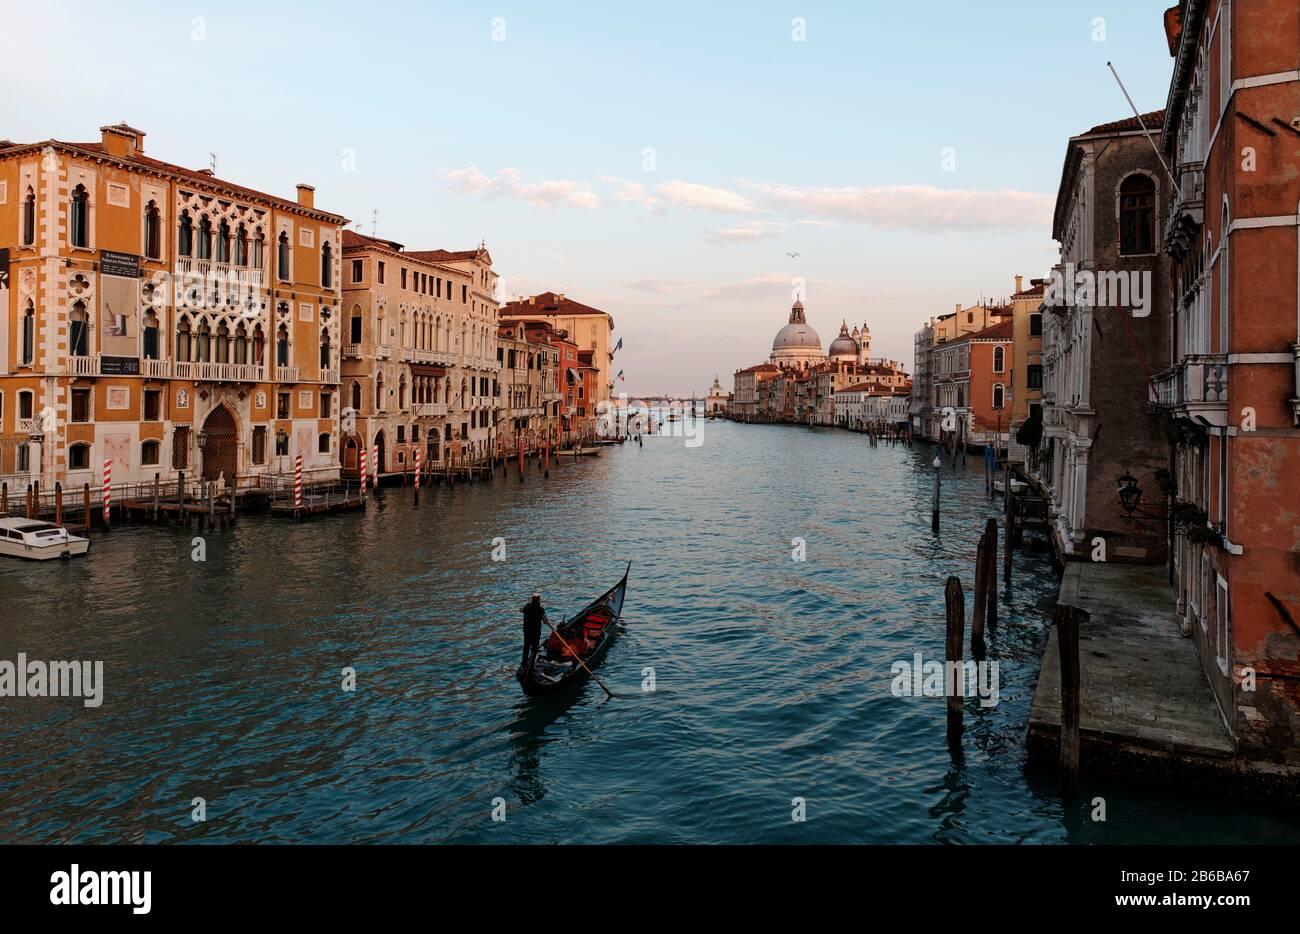 VENICE, ITALY - February 19, 2020 :Picturesque view of Gondolas on Canal Grande with Basilica di Santa Maria della Salute in the background Stock Photo